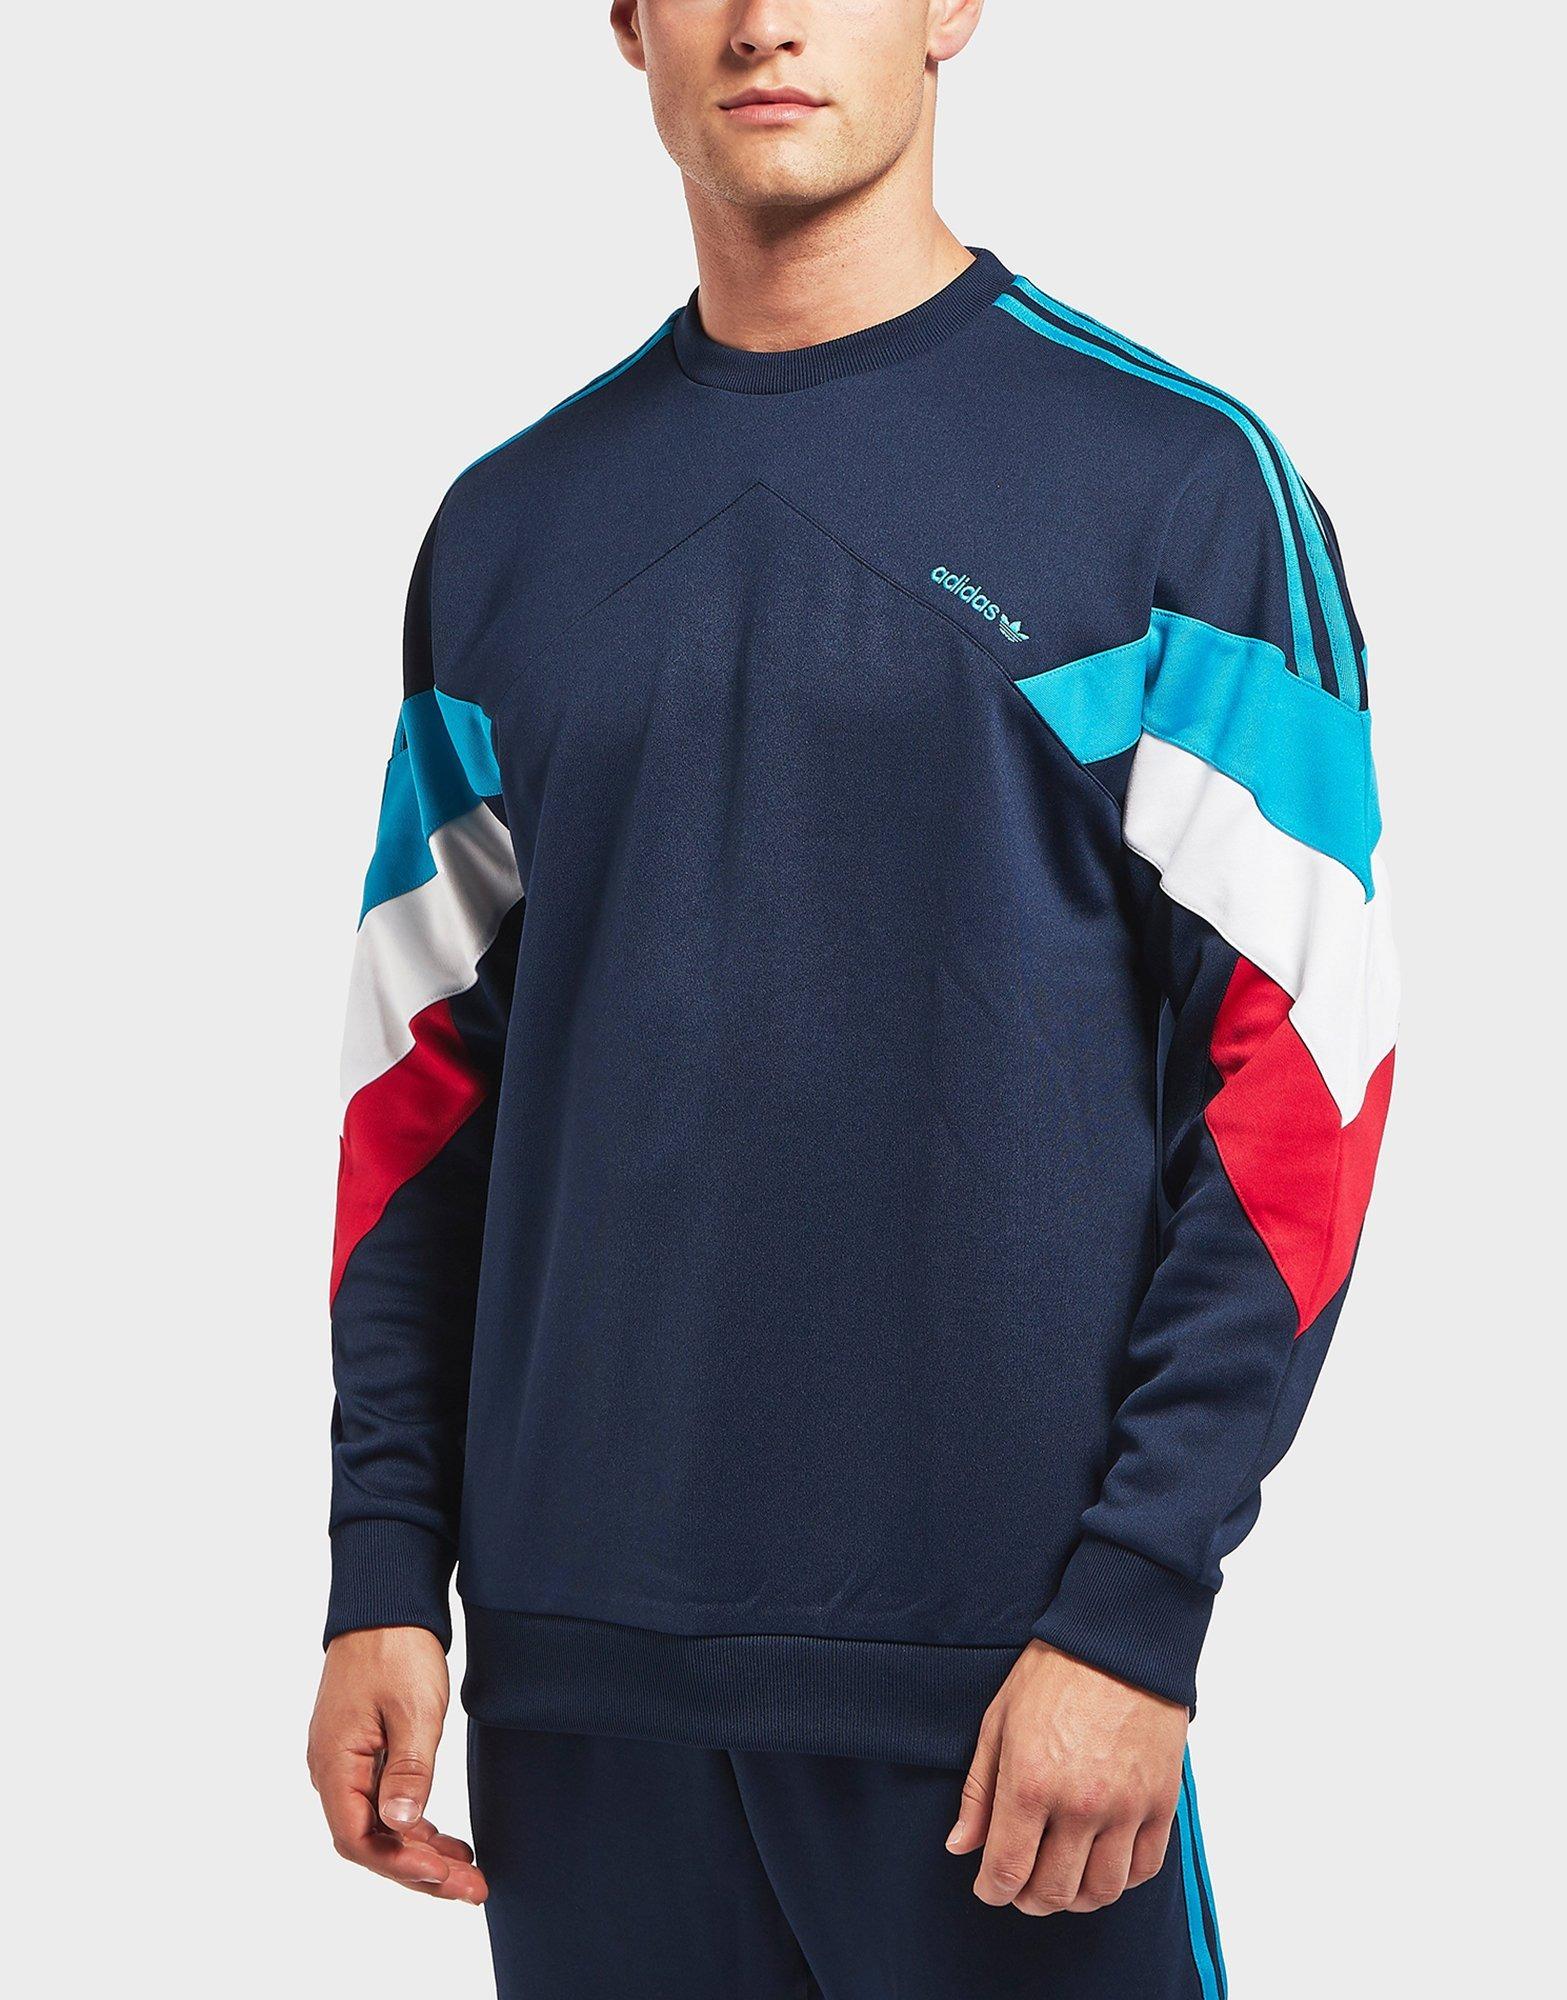 freír Convencional tengo sueño  adidas Originals Palmeston Sweatshirt | scotts Menswear